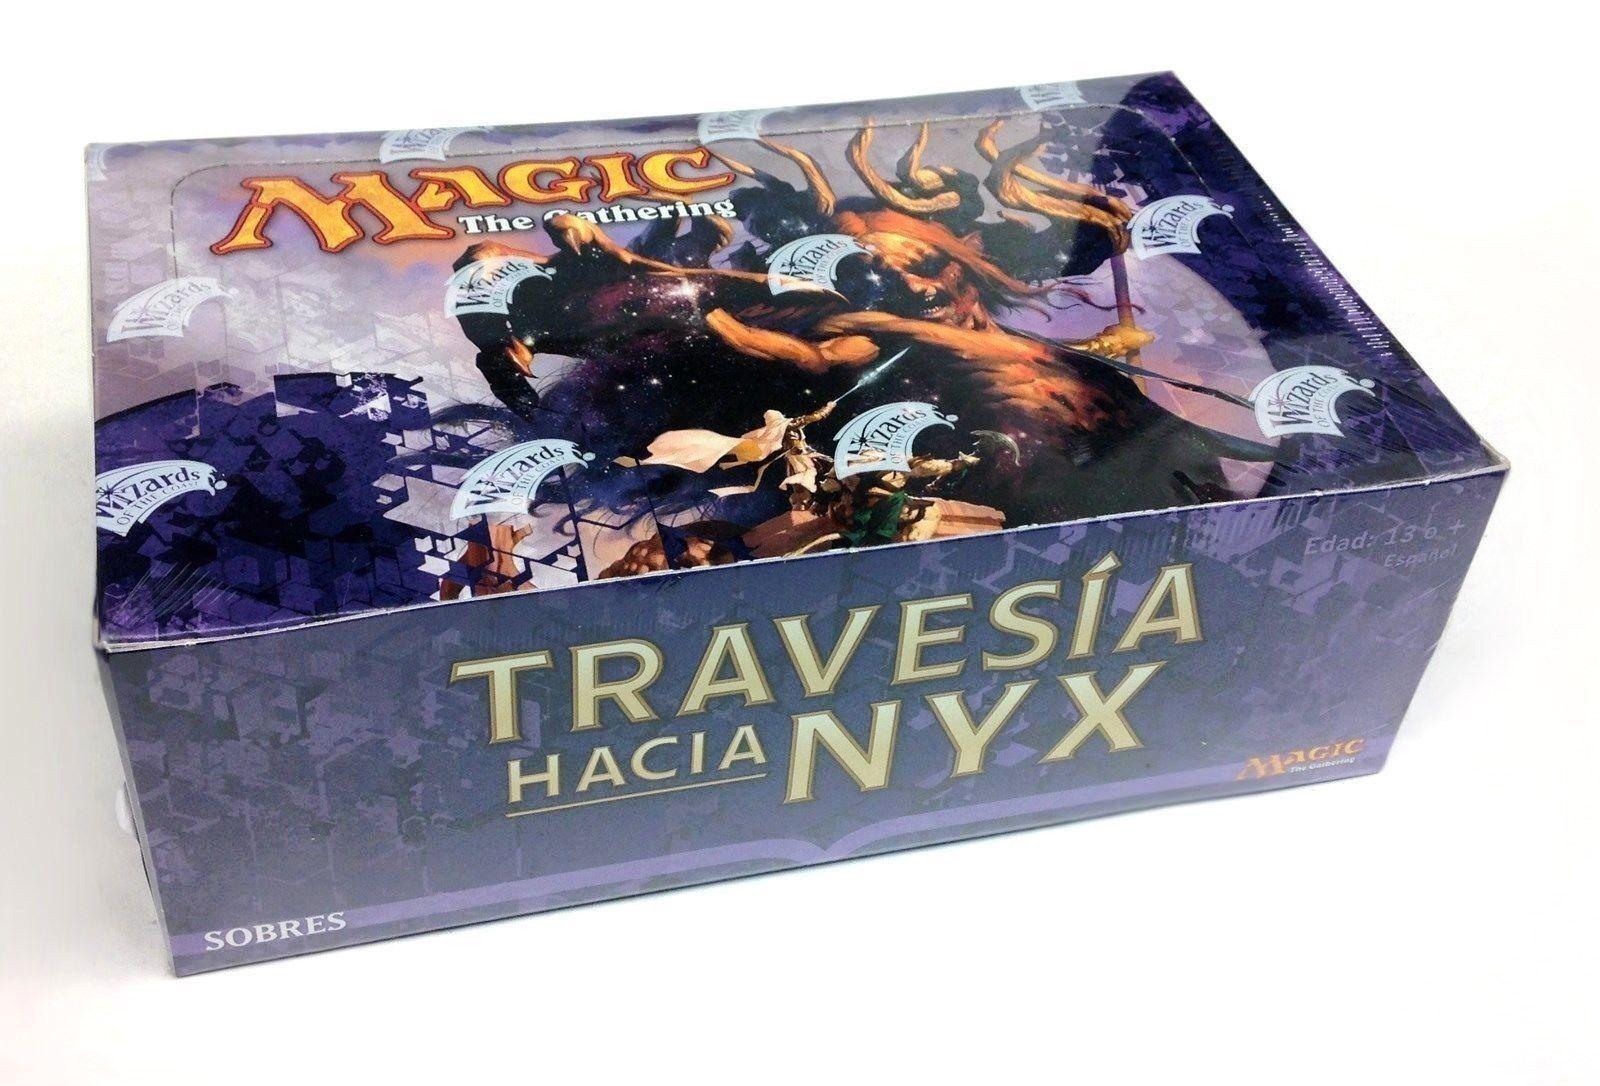 Spanische reise in nyx booster - box - fabrik versiegelt - magic  the gathering